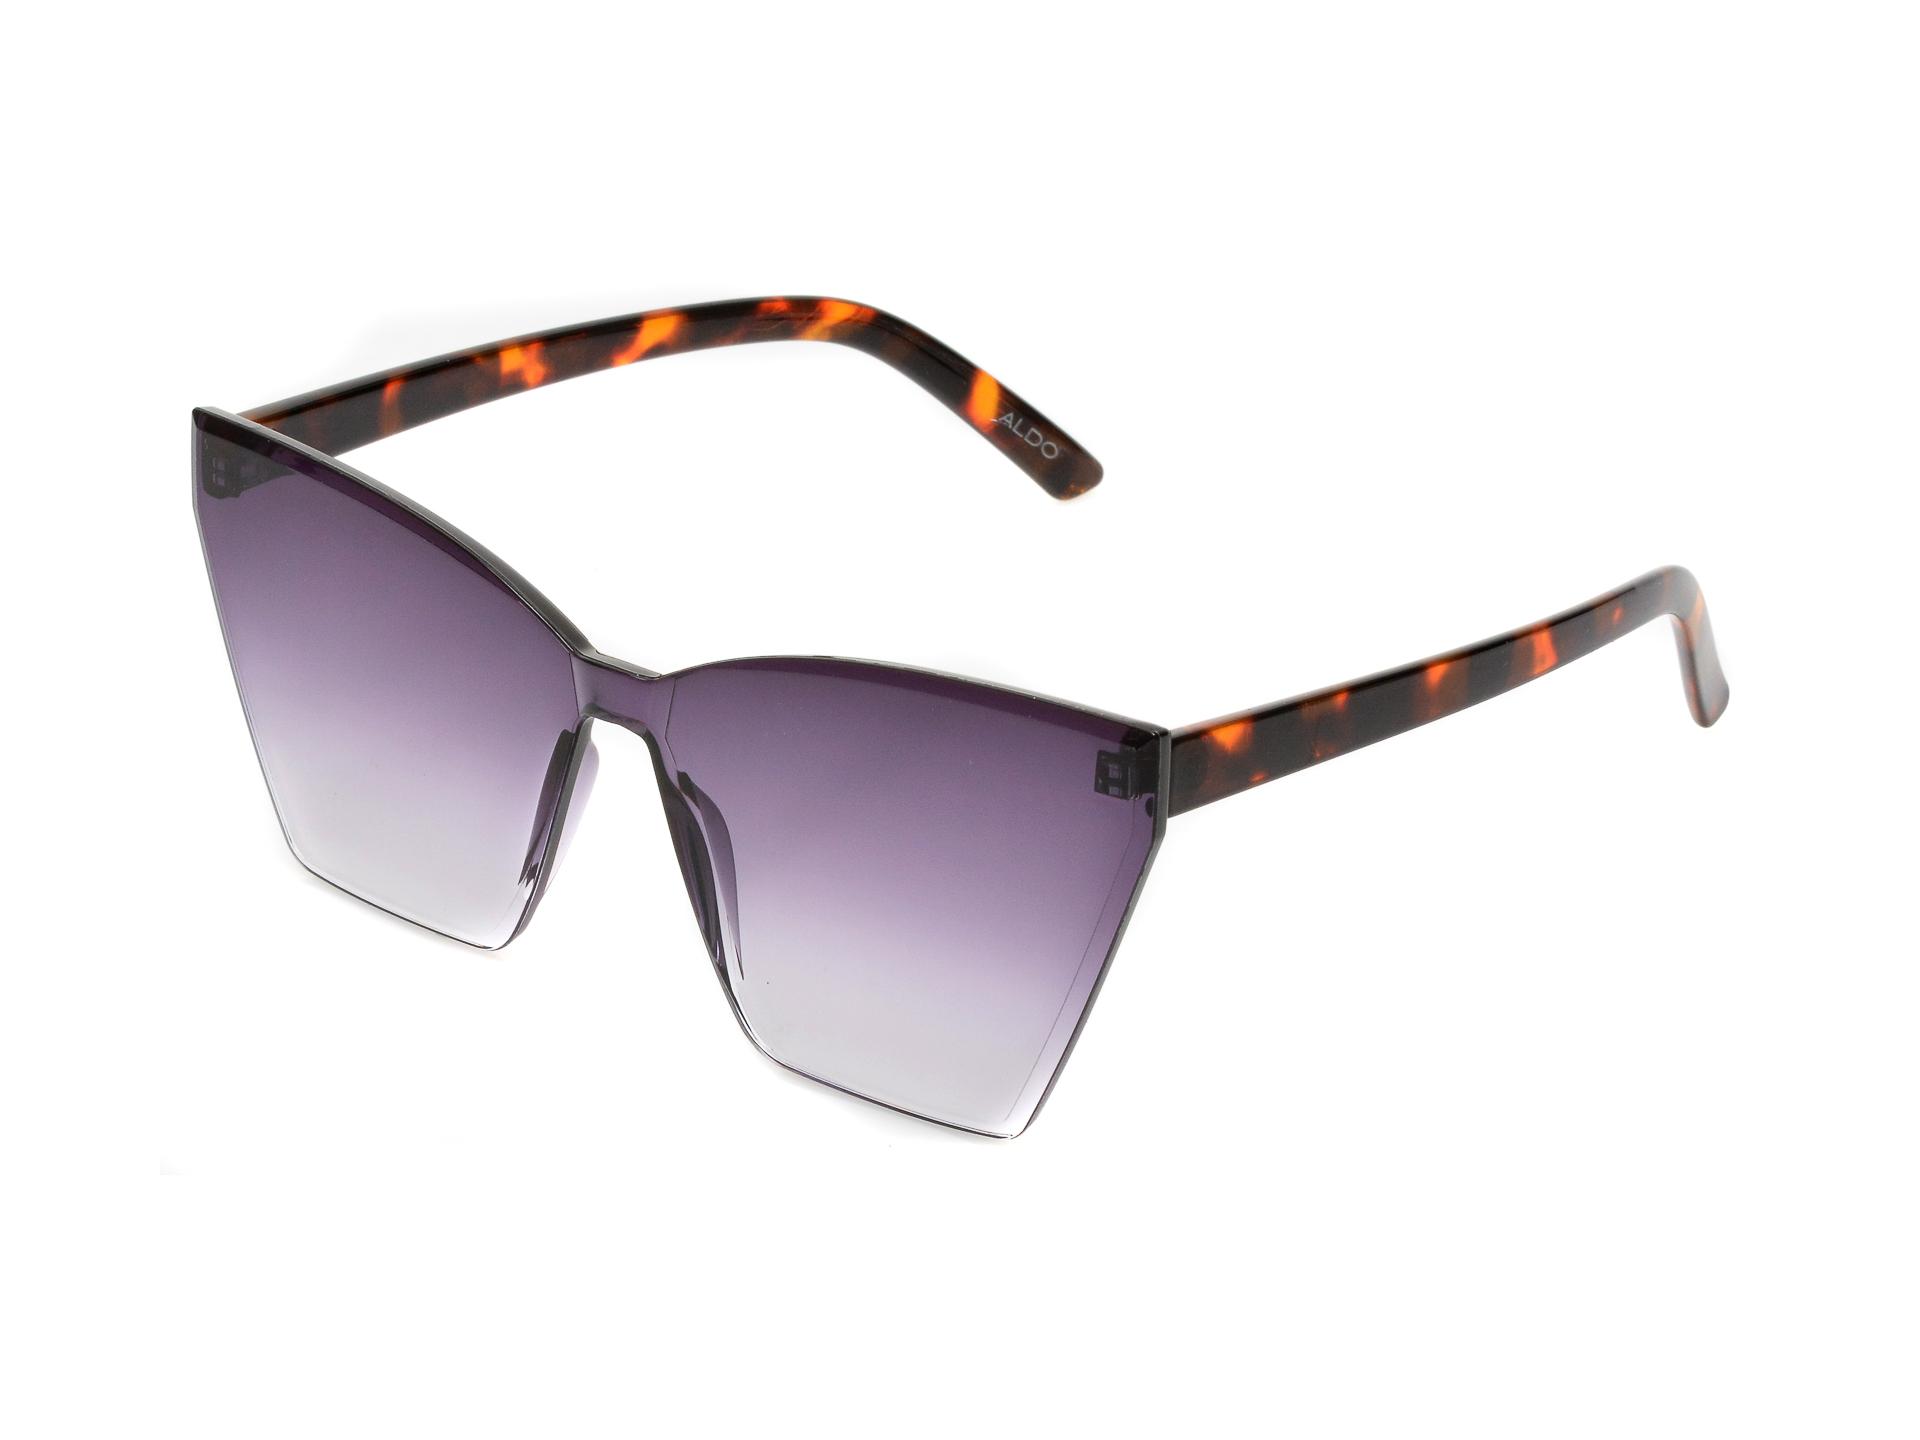 Ochelari de soare ALDO maro, 13087892, din pvc imagine otter.ro 2021